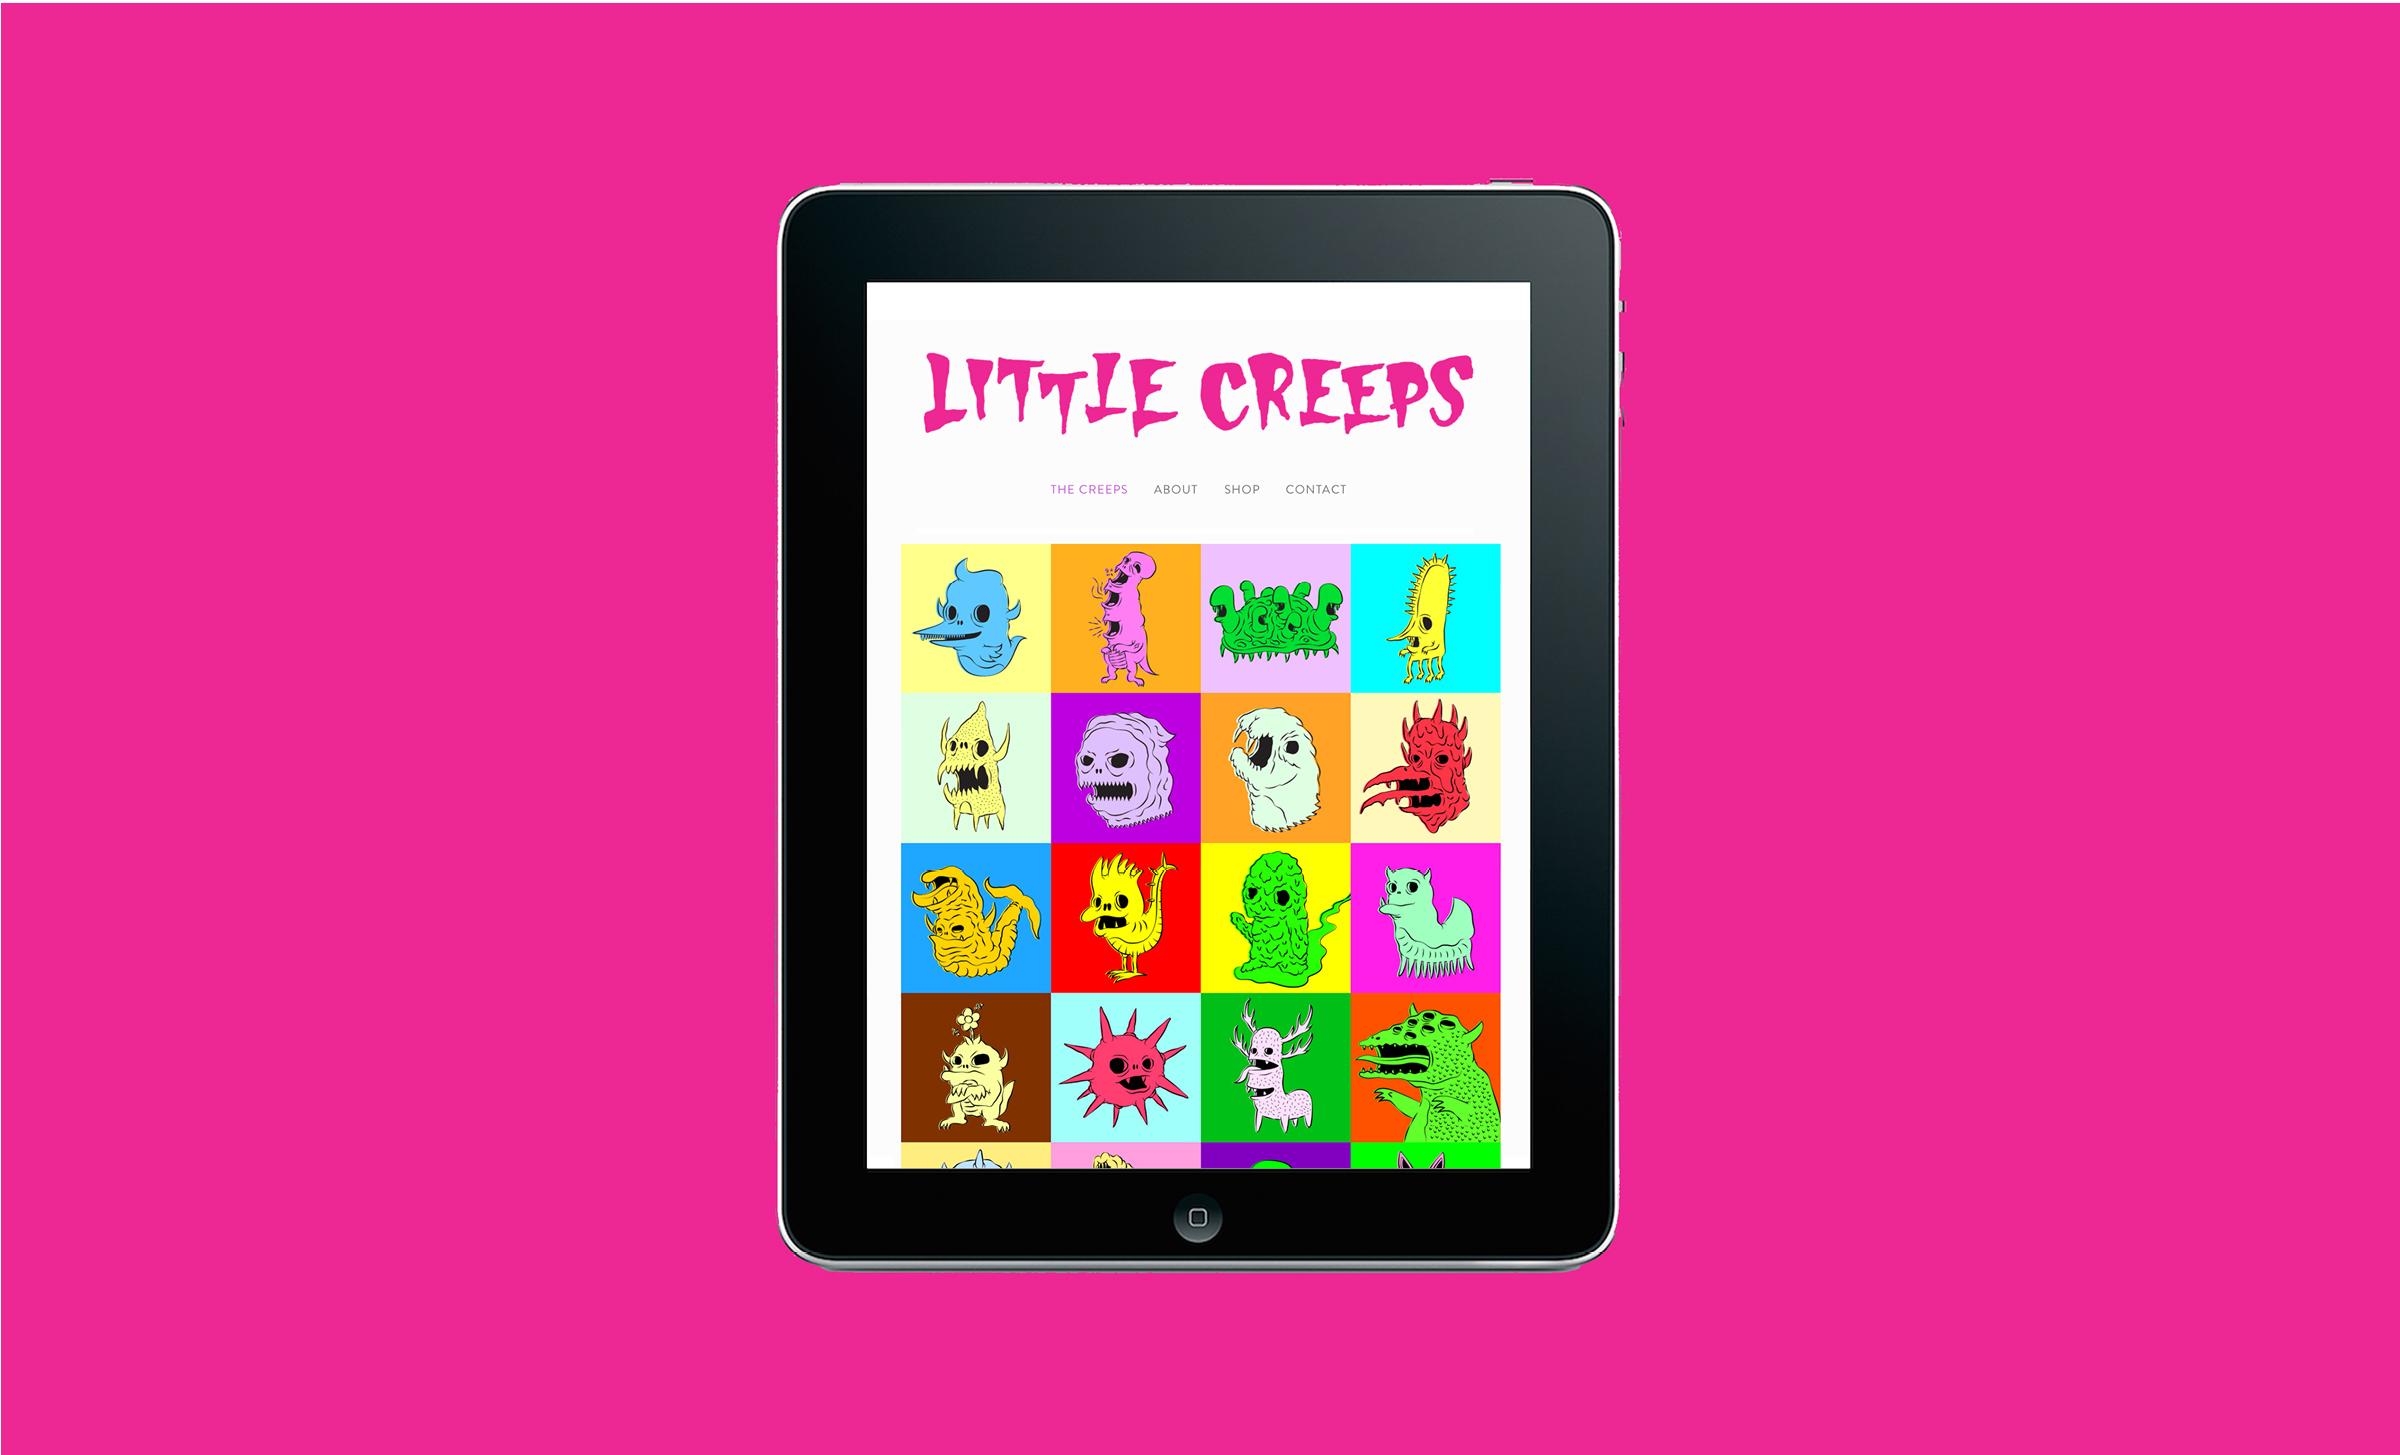 AnthonyElder_Website_LittleCreeps_6.jpg